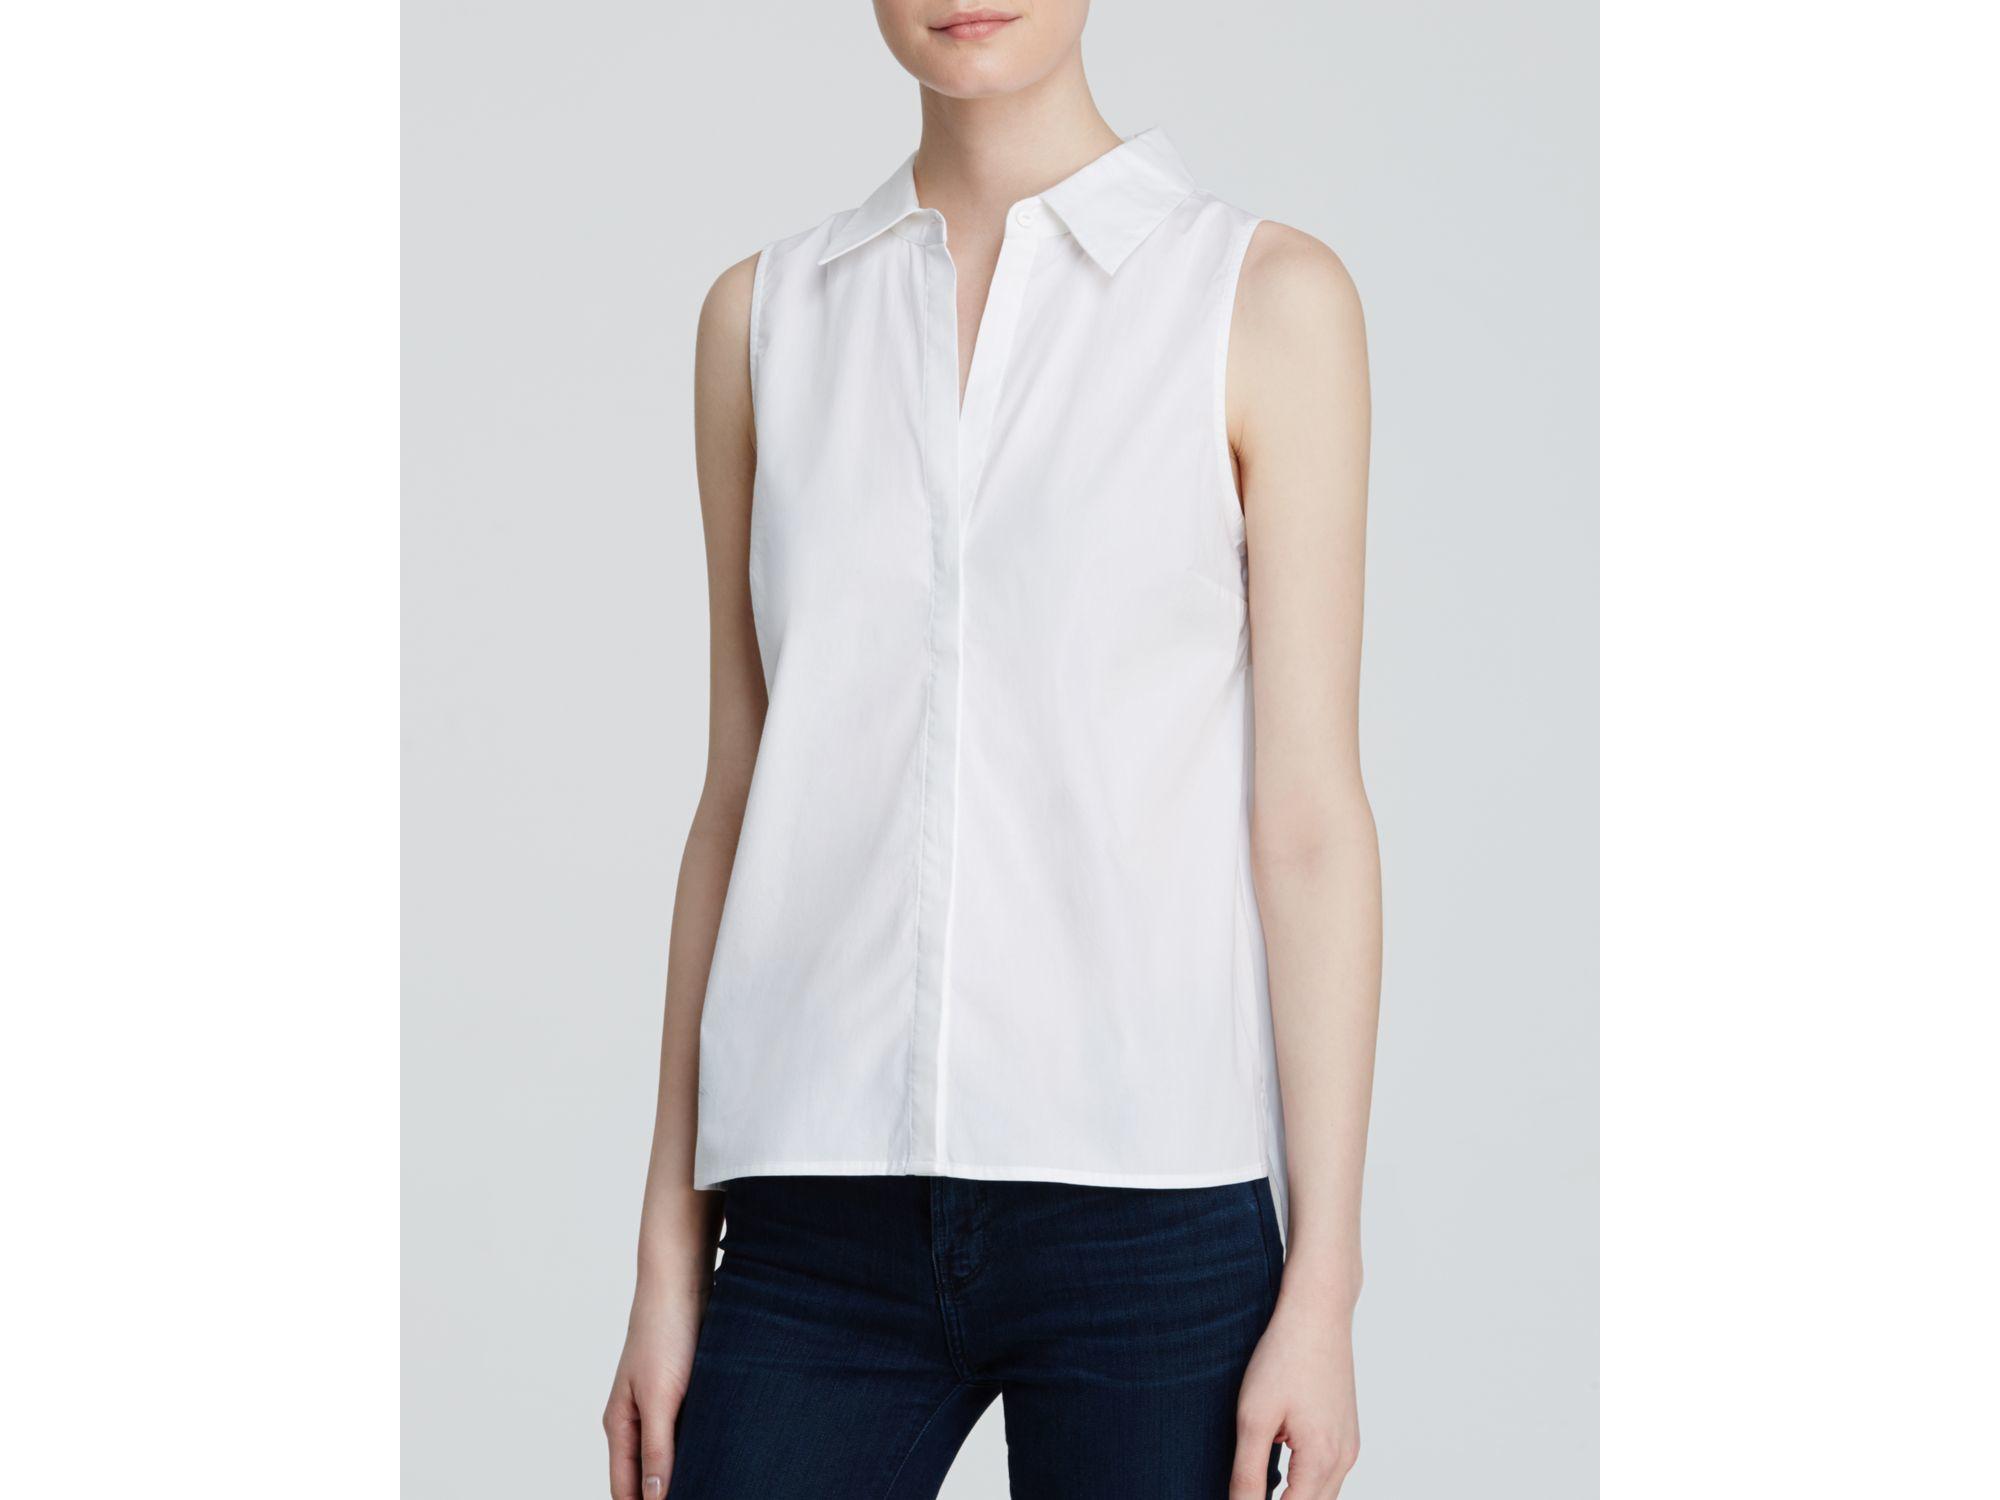 Lyst aqua shirt sleeveless button down in white for Sleeveless cotton button down shirts